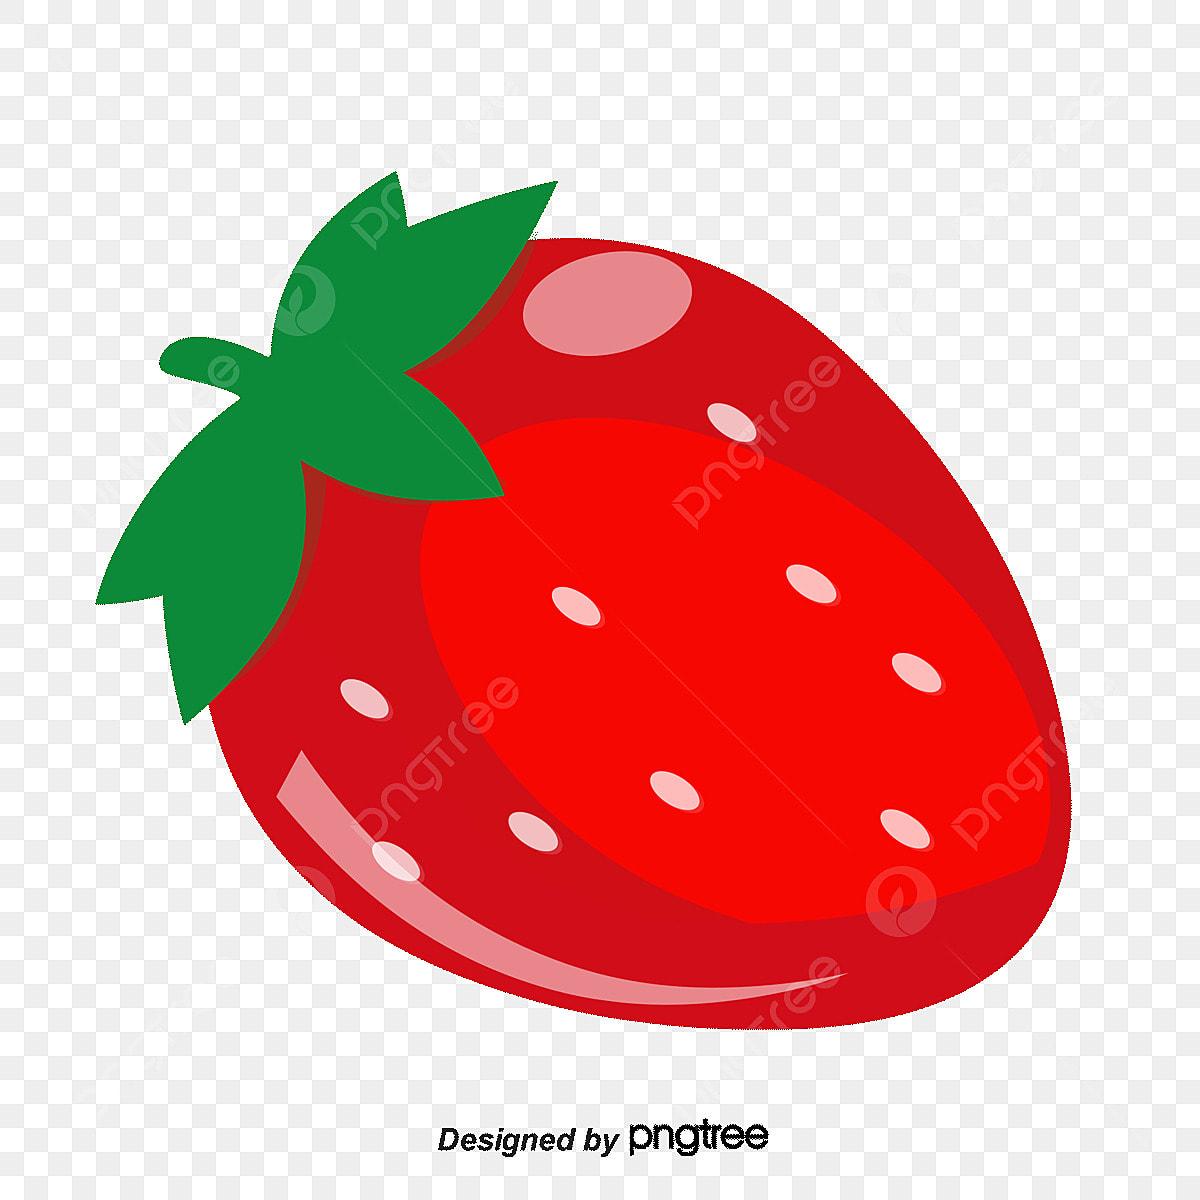 طفلة تحمل سلة الفواكه طفلة تحمل سلة الفواكه فتاة صغيرة سلة الفاكهة Png وملف Psd للتحميل مجانا